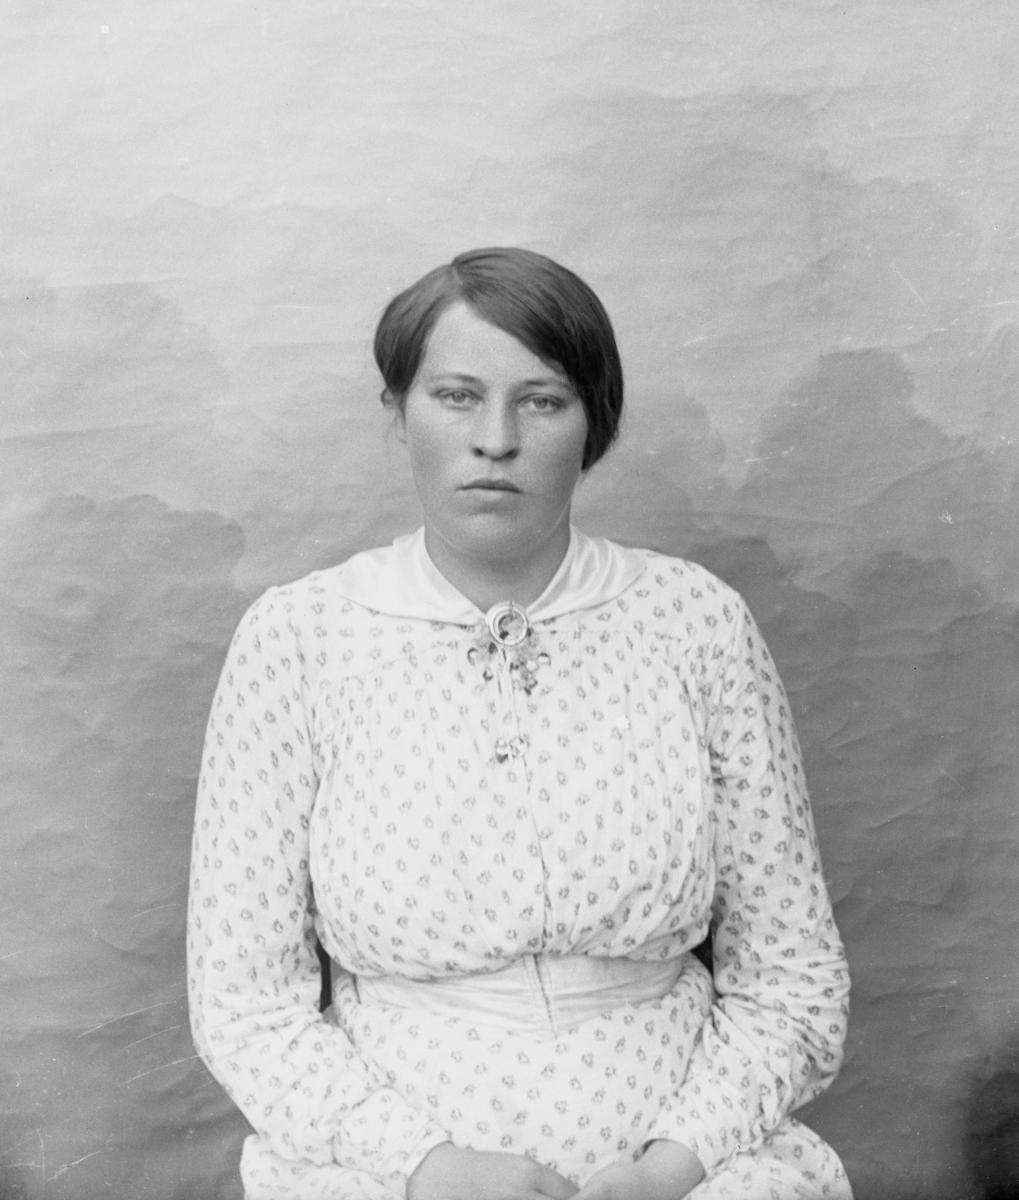 Kvinne kledd i hvit mønstrete kjole, sittende foran lerret